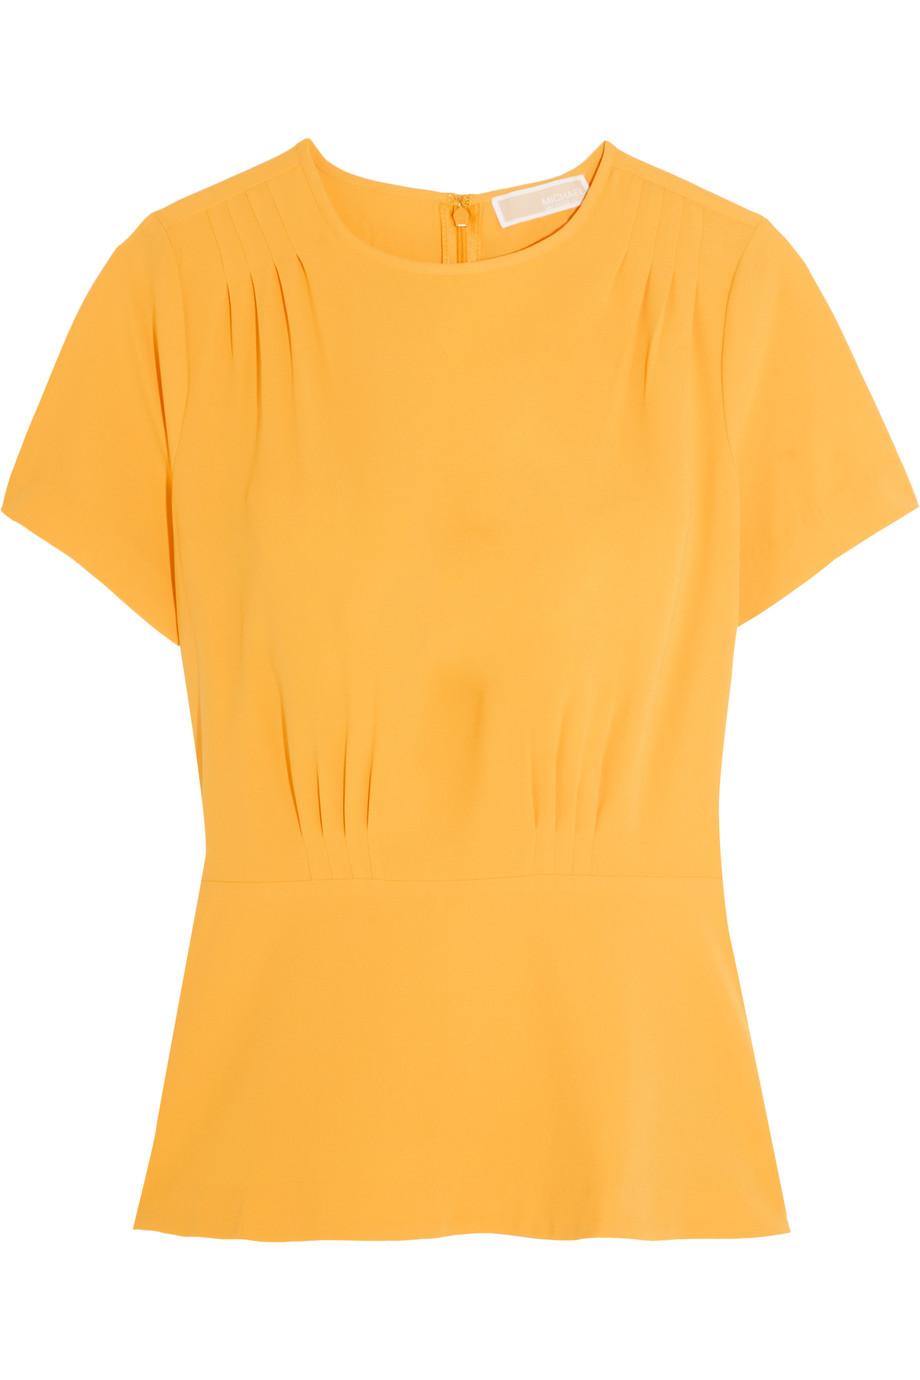 Pleated Stretch-Crepe Top, Michael Michael Kors, Saffron, Women's, Size: 00